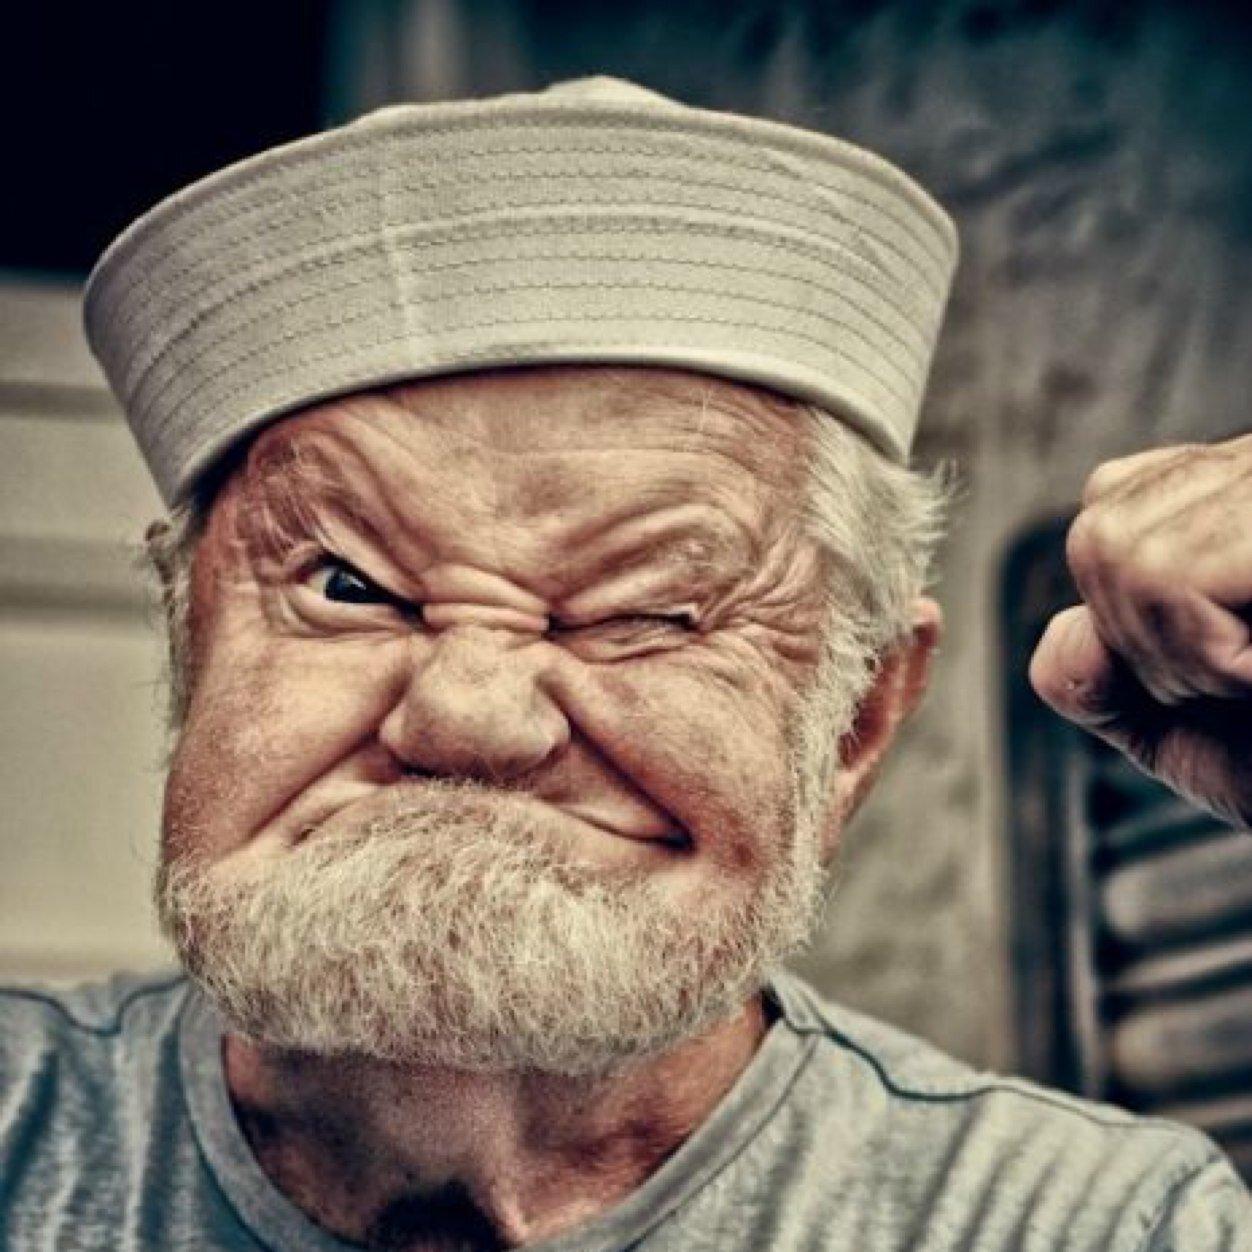 Картинка деда смешного